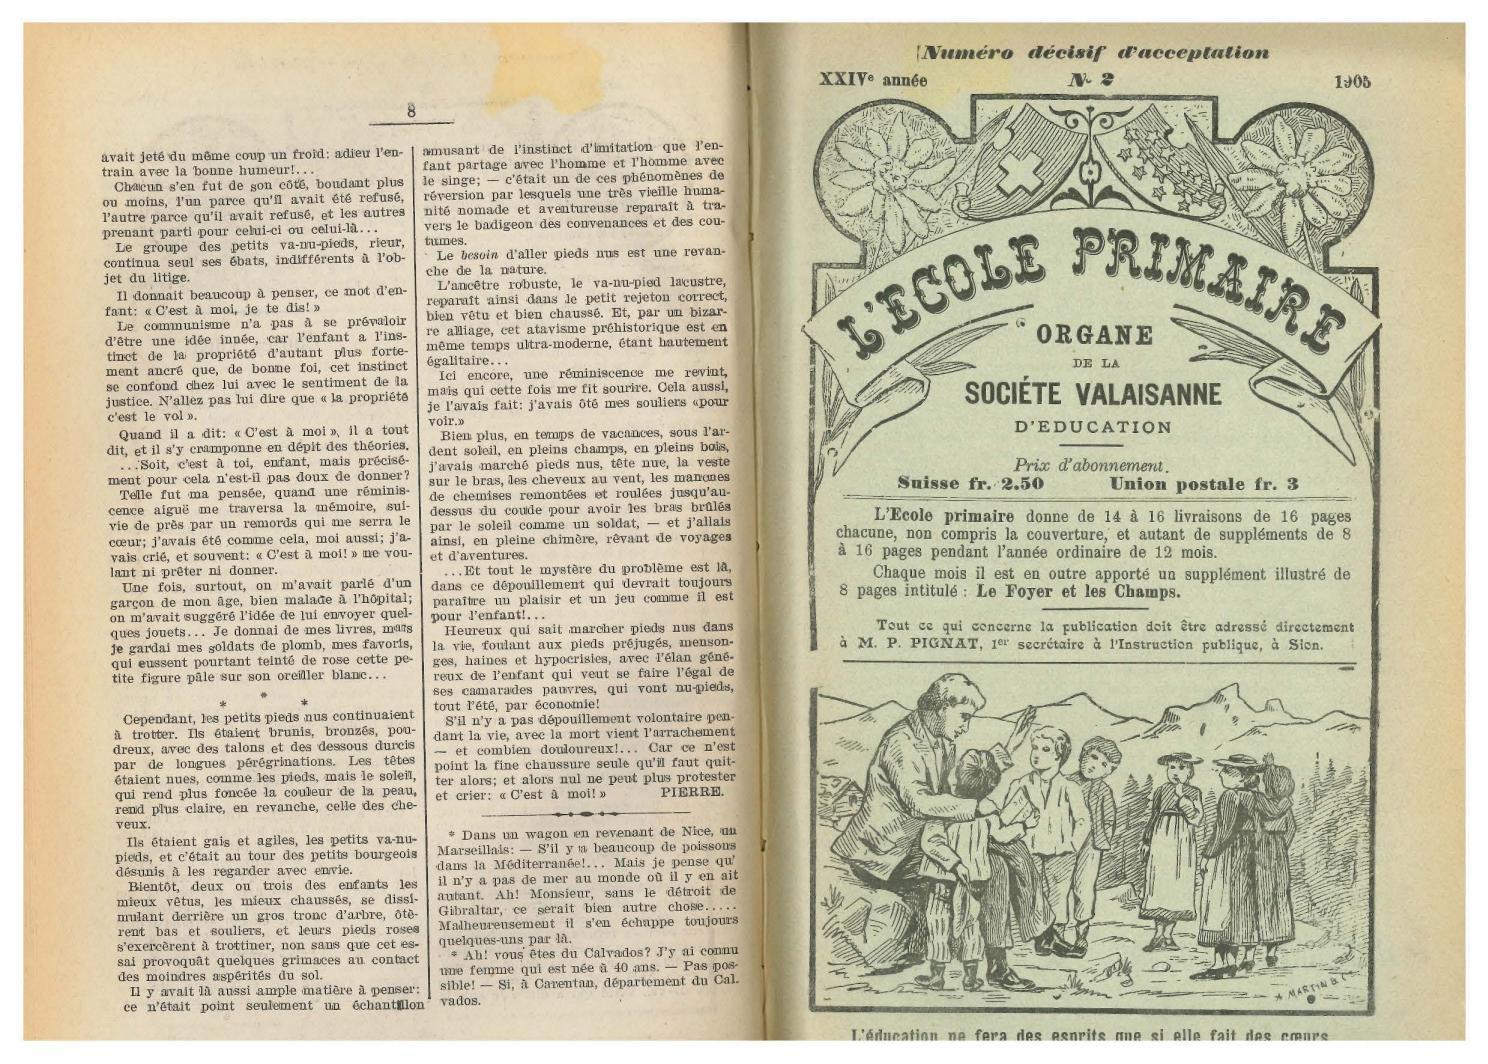 No 02 L Ecole Primaire 16 Janvier 1905 By Resonances Mensuel De